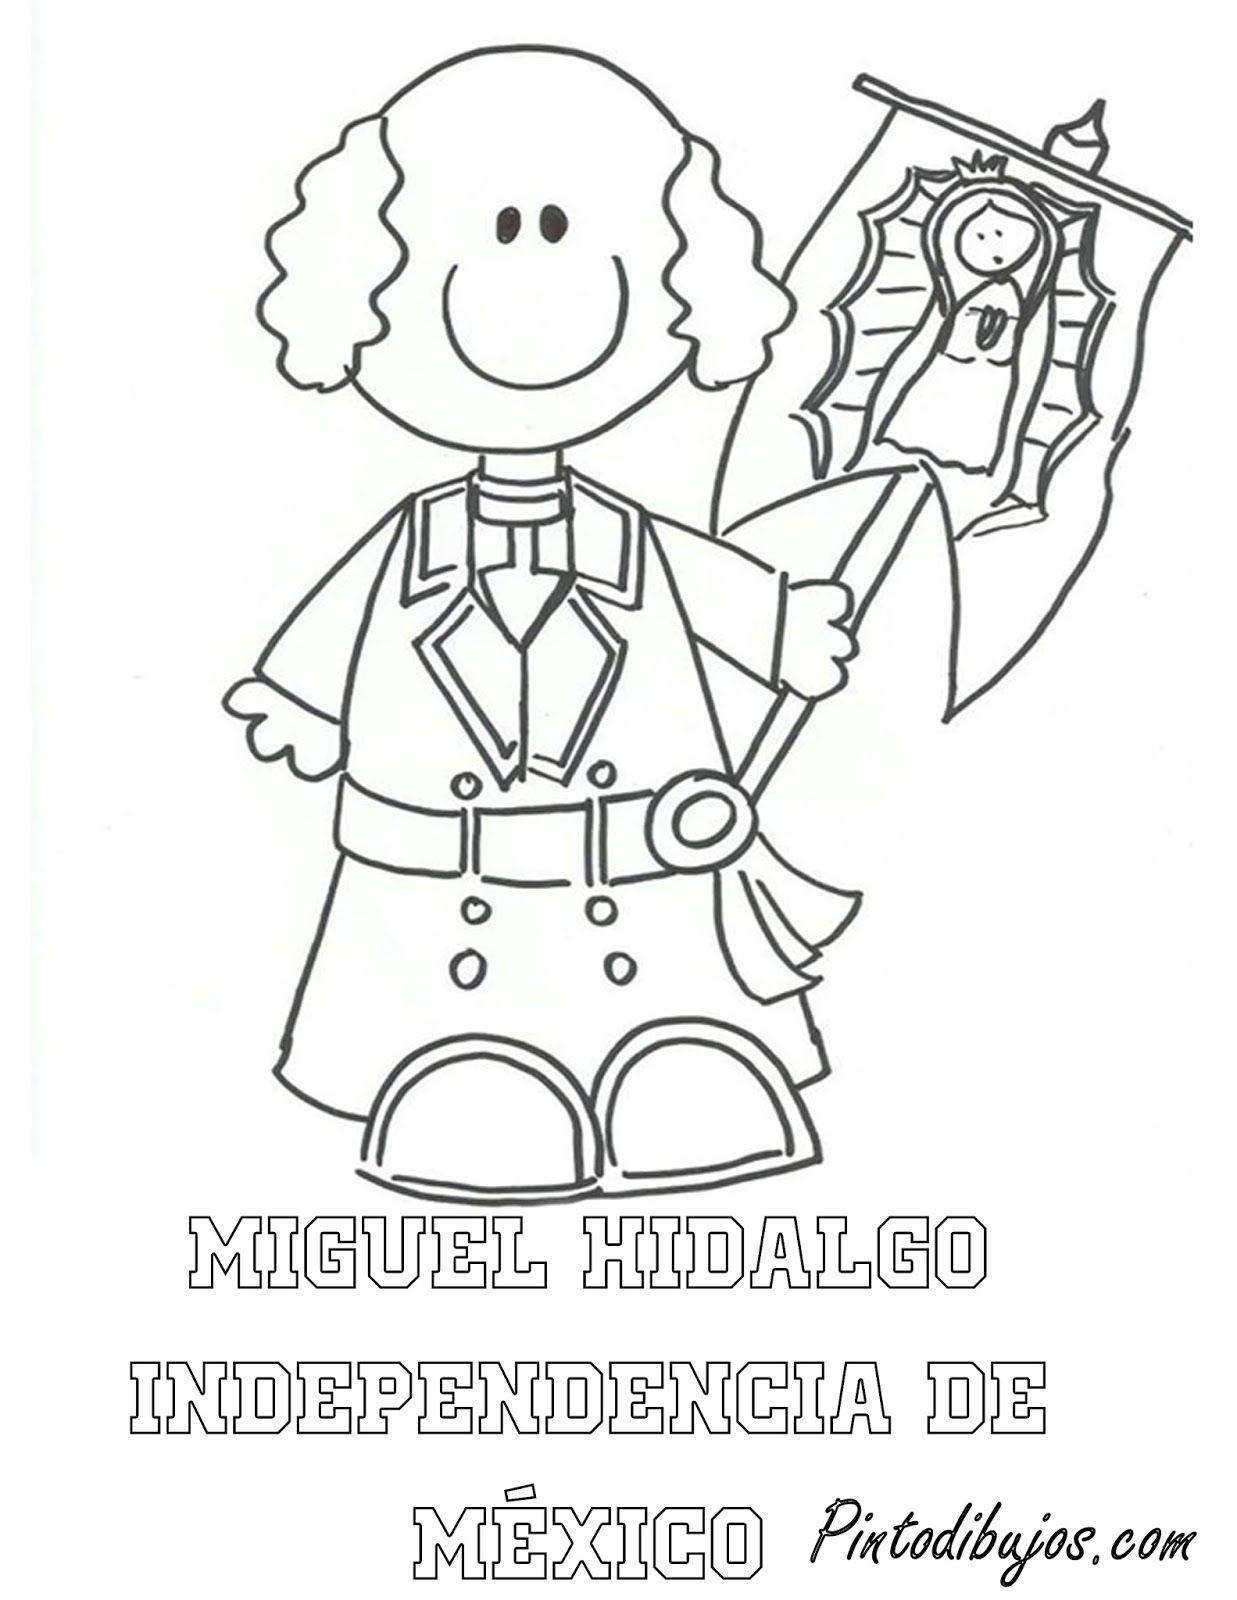 Pin De Melissa Rebolledo En Imprimibles Dia De La Independencia Mexicana Dia De La Independencia Cosas De Escuela